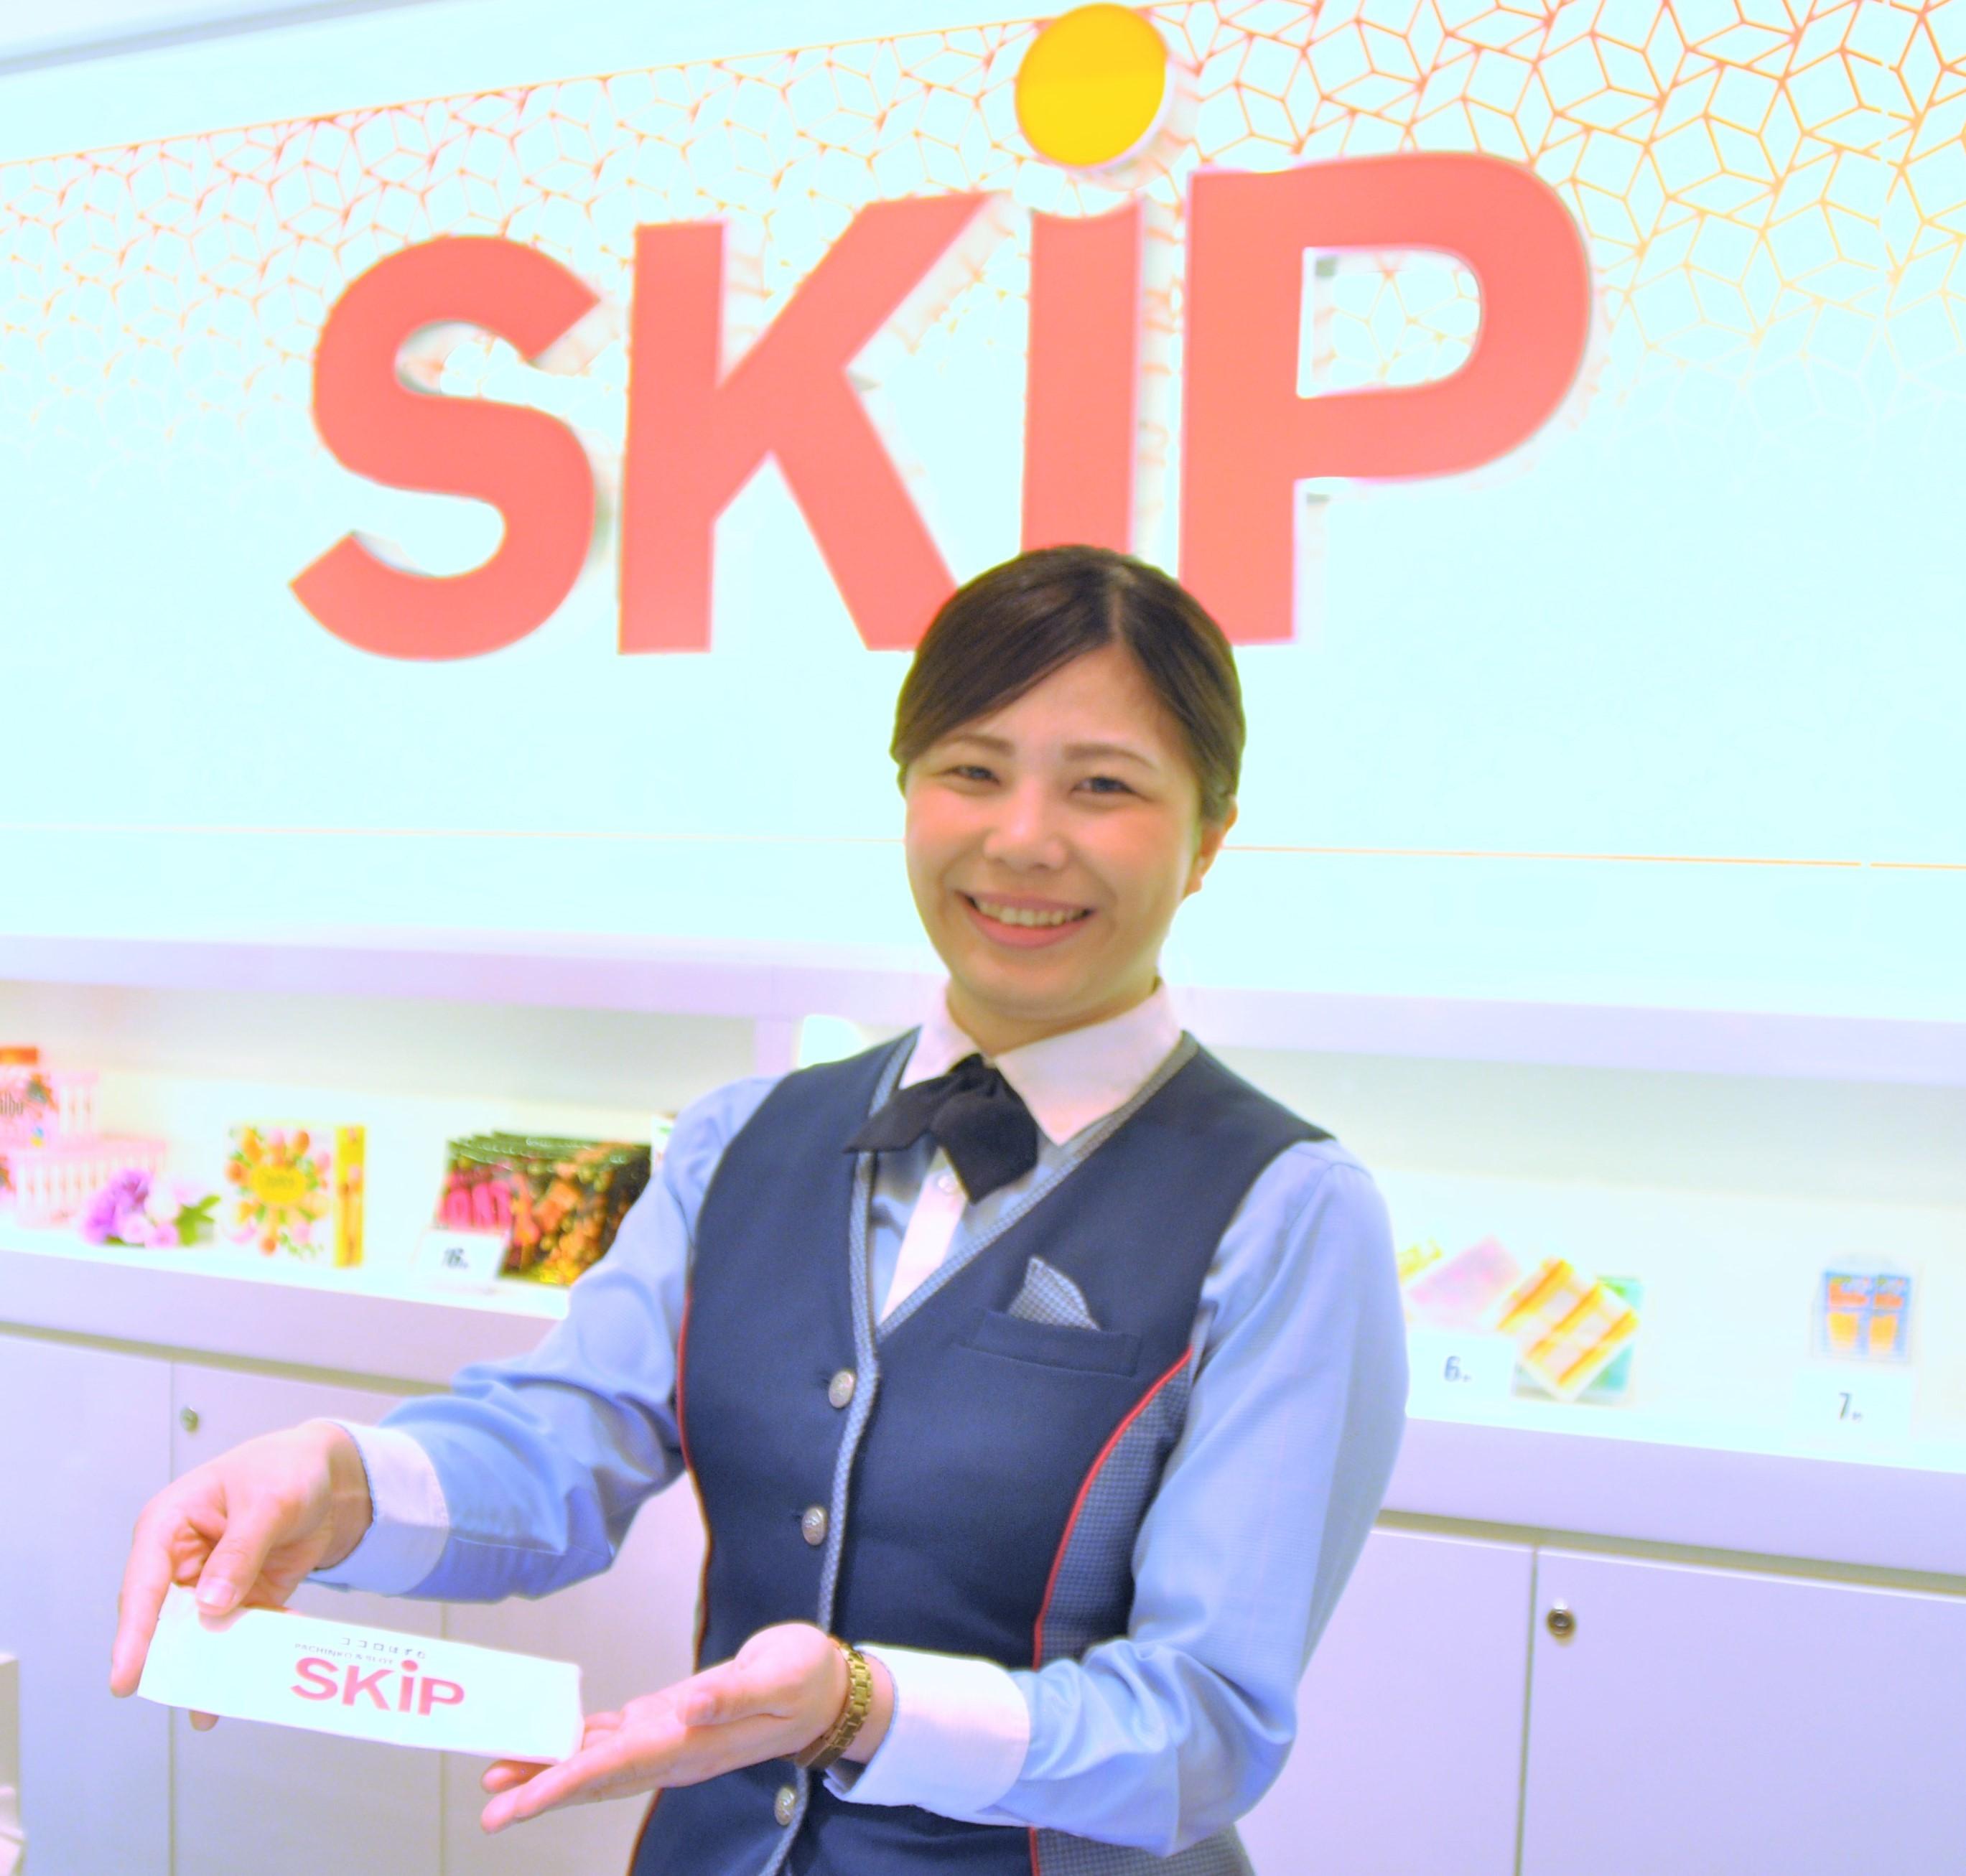 SKIP(スキップ) スロットクラブ関内店 のアルバイト情報